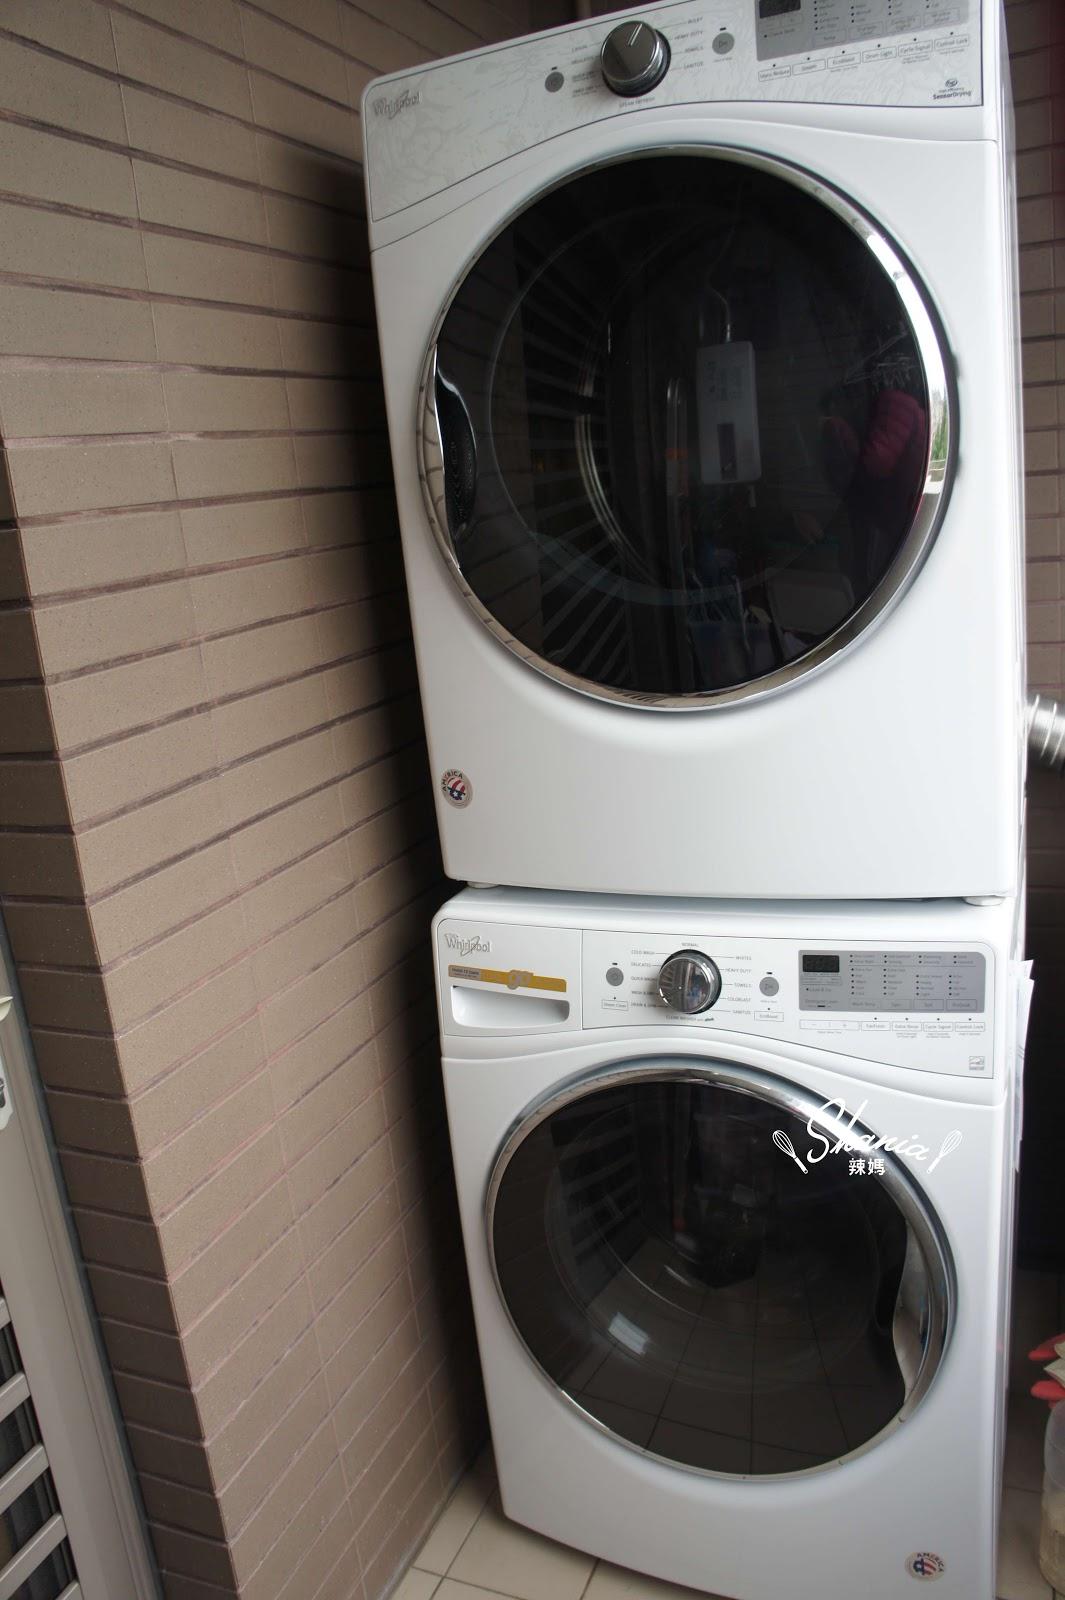 惠而浦洗衣機+乾衣機 來洗衣服心情真的好好!